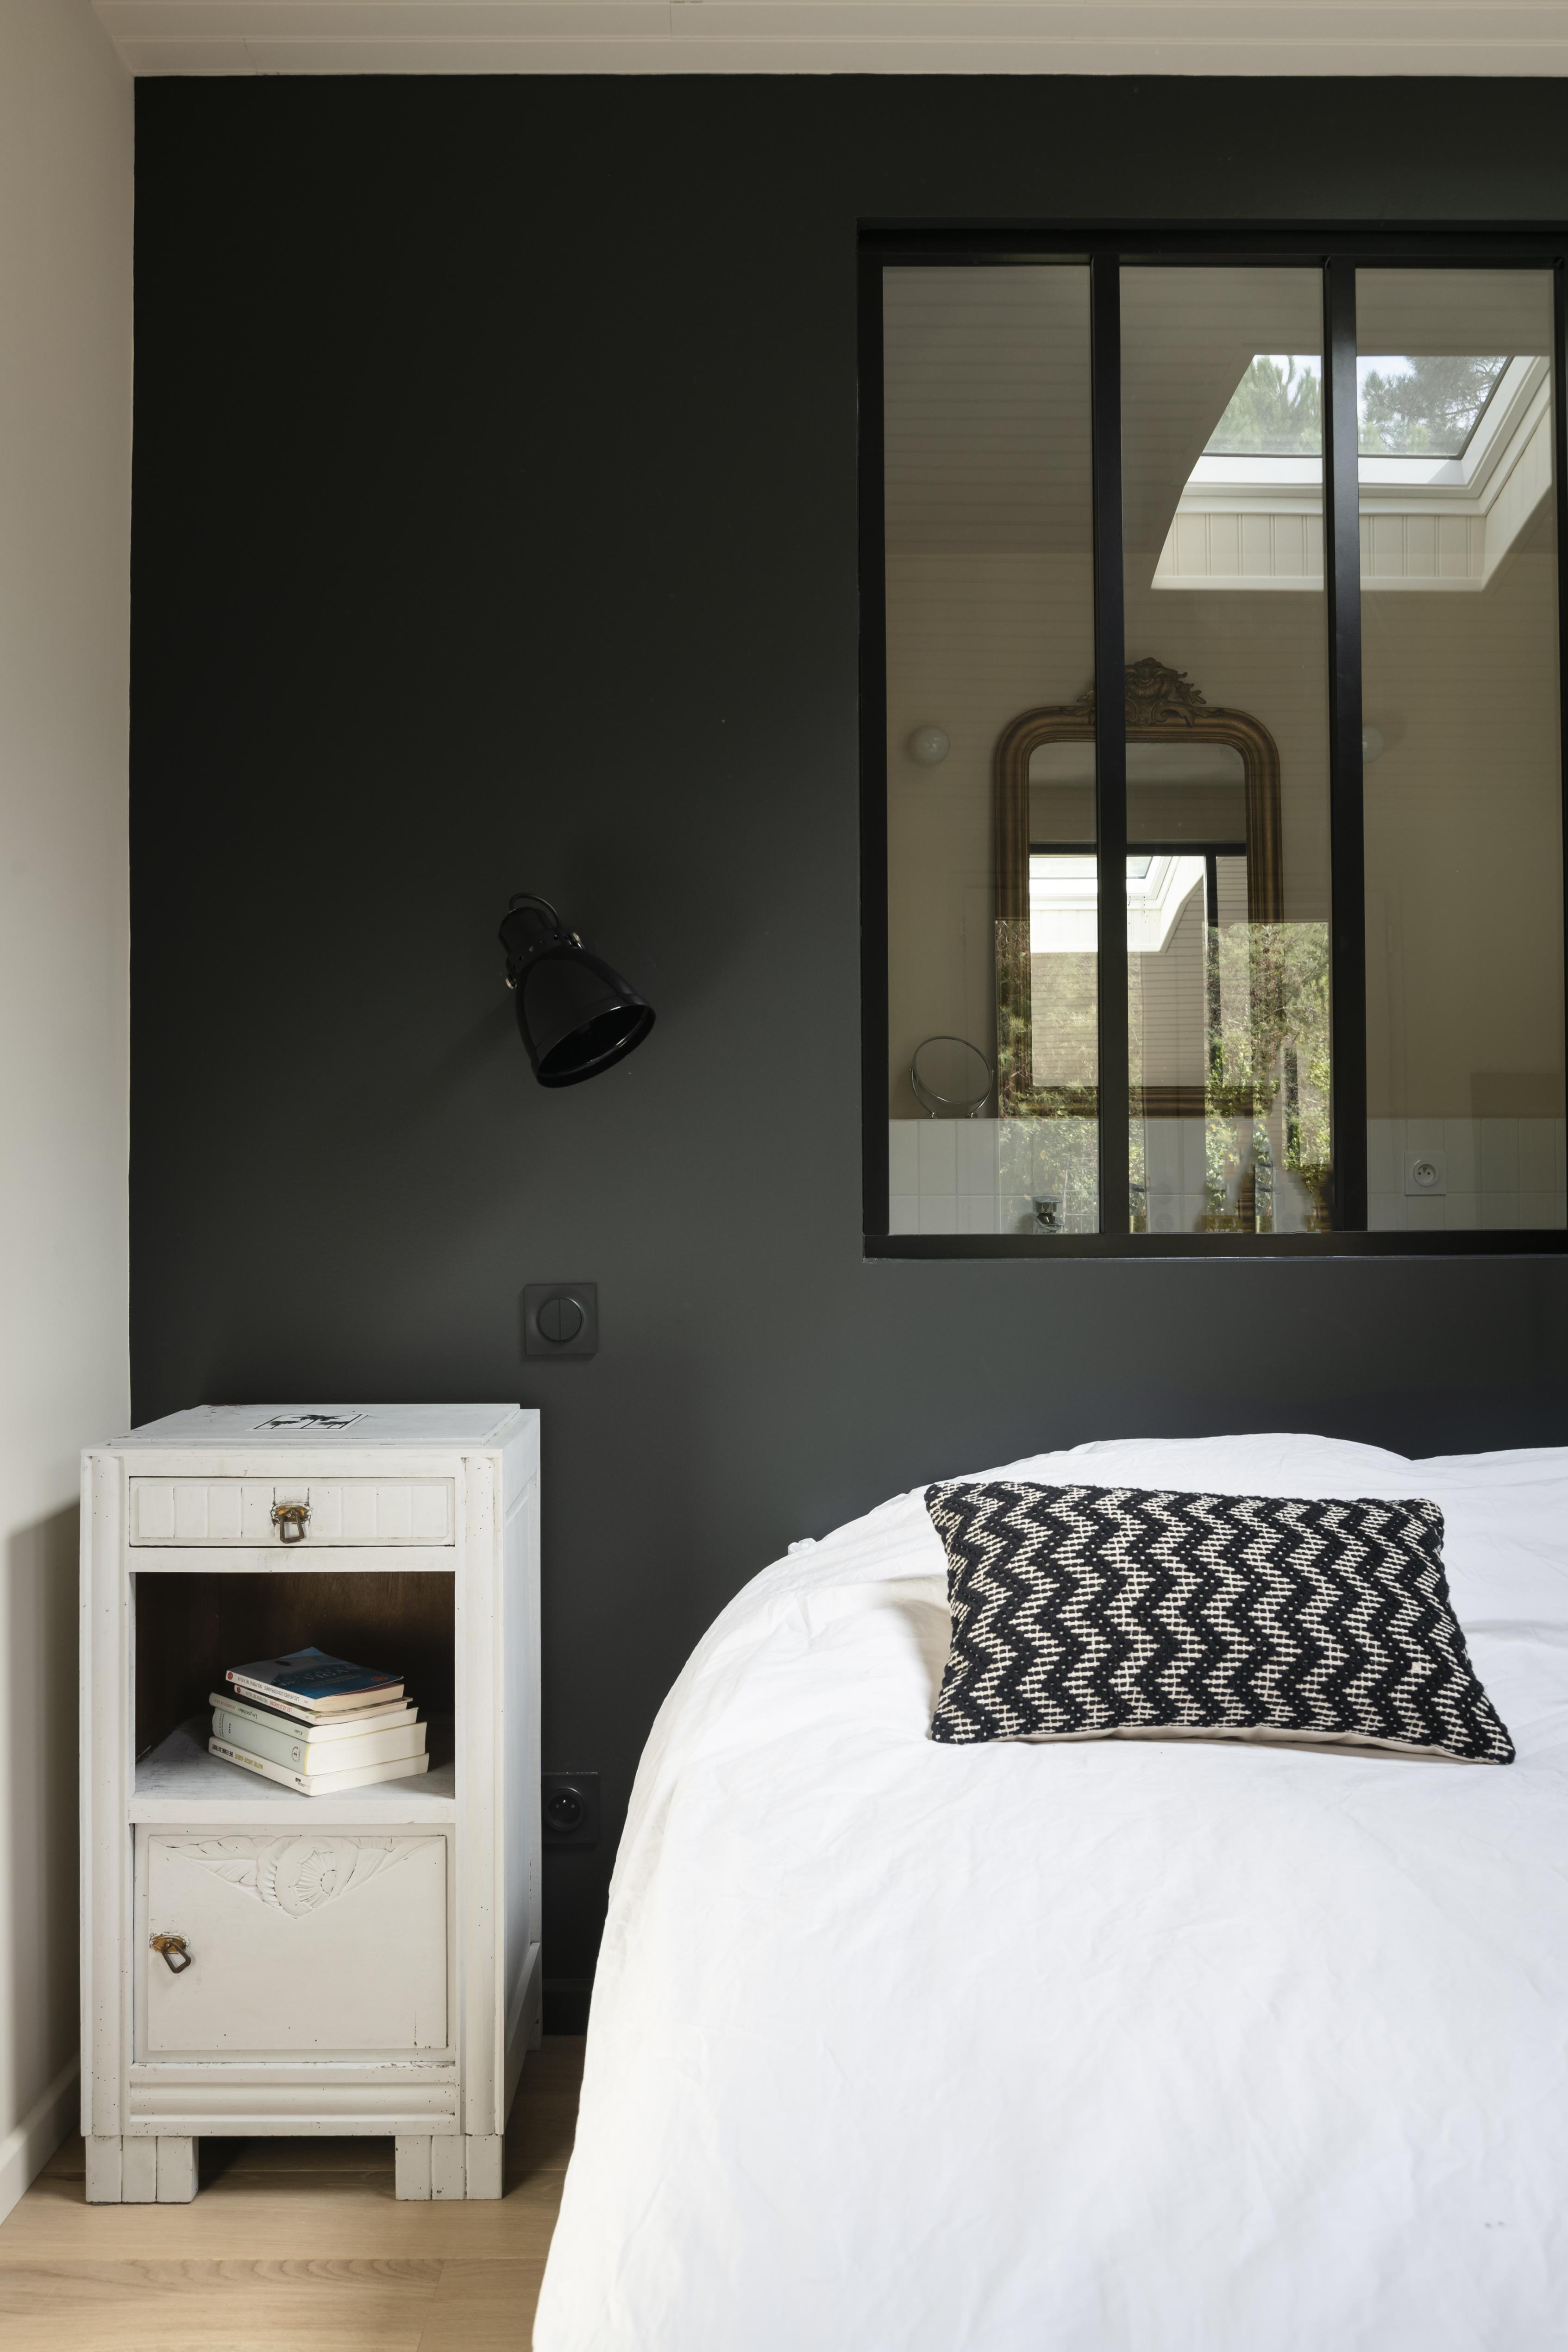 lalaarchitectes_Landes_renovation_vitrage atelier_chambre